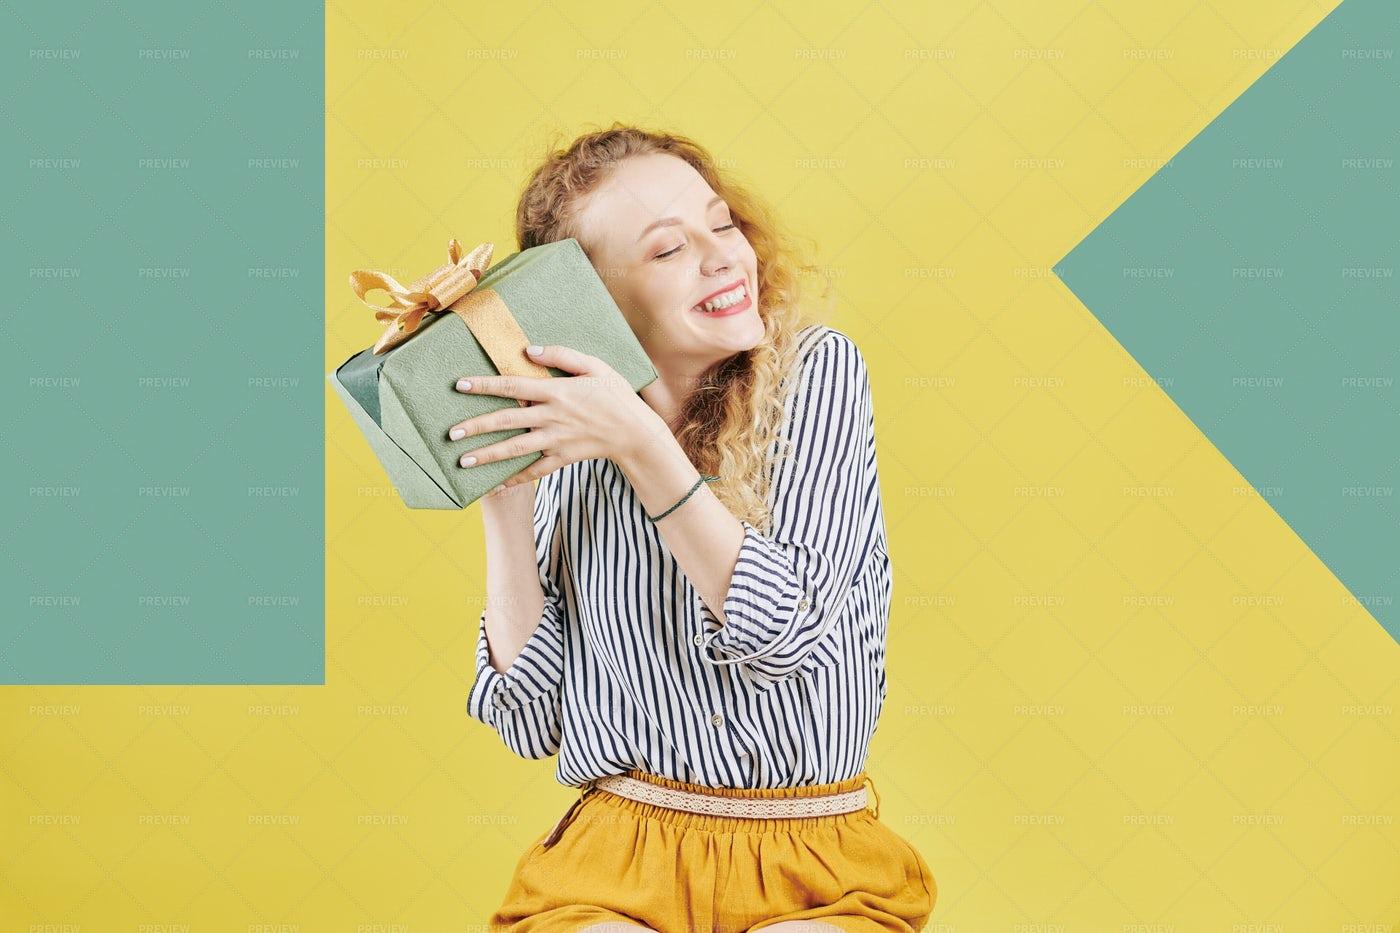 Pretty Woman Shaking Giftbox: Stock Photos